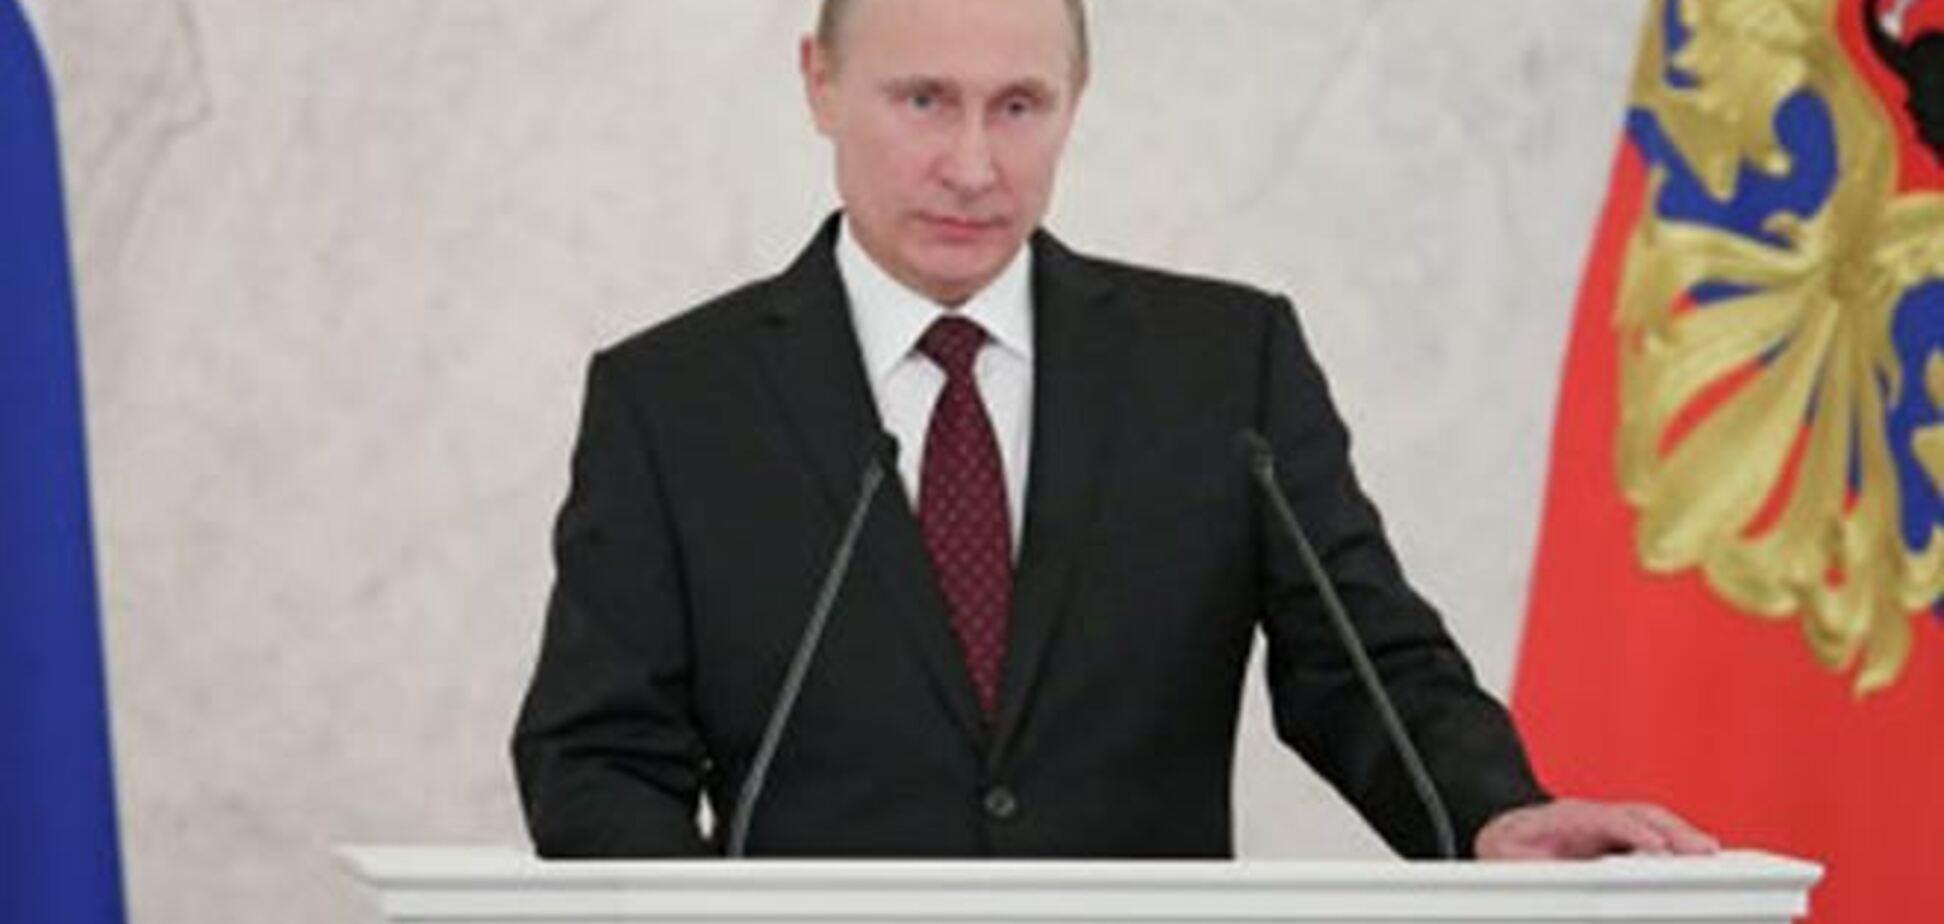 Путін про Україну: ми нічого нікому не нав'язуємо